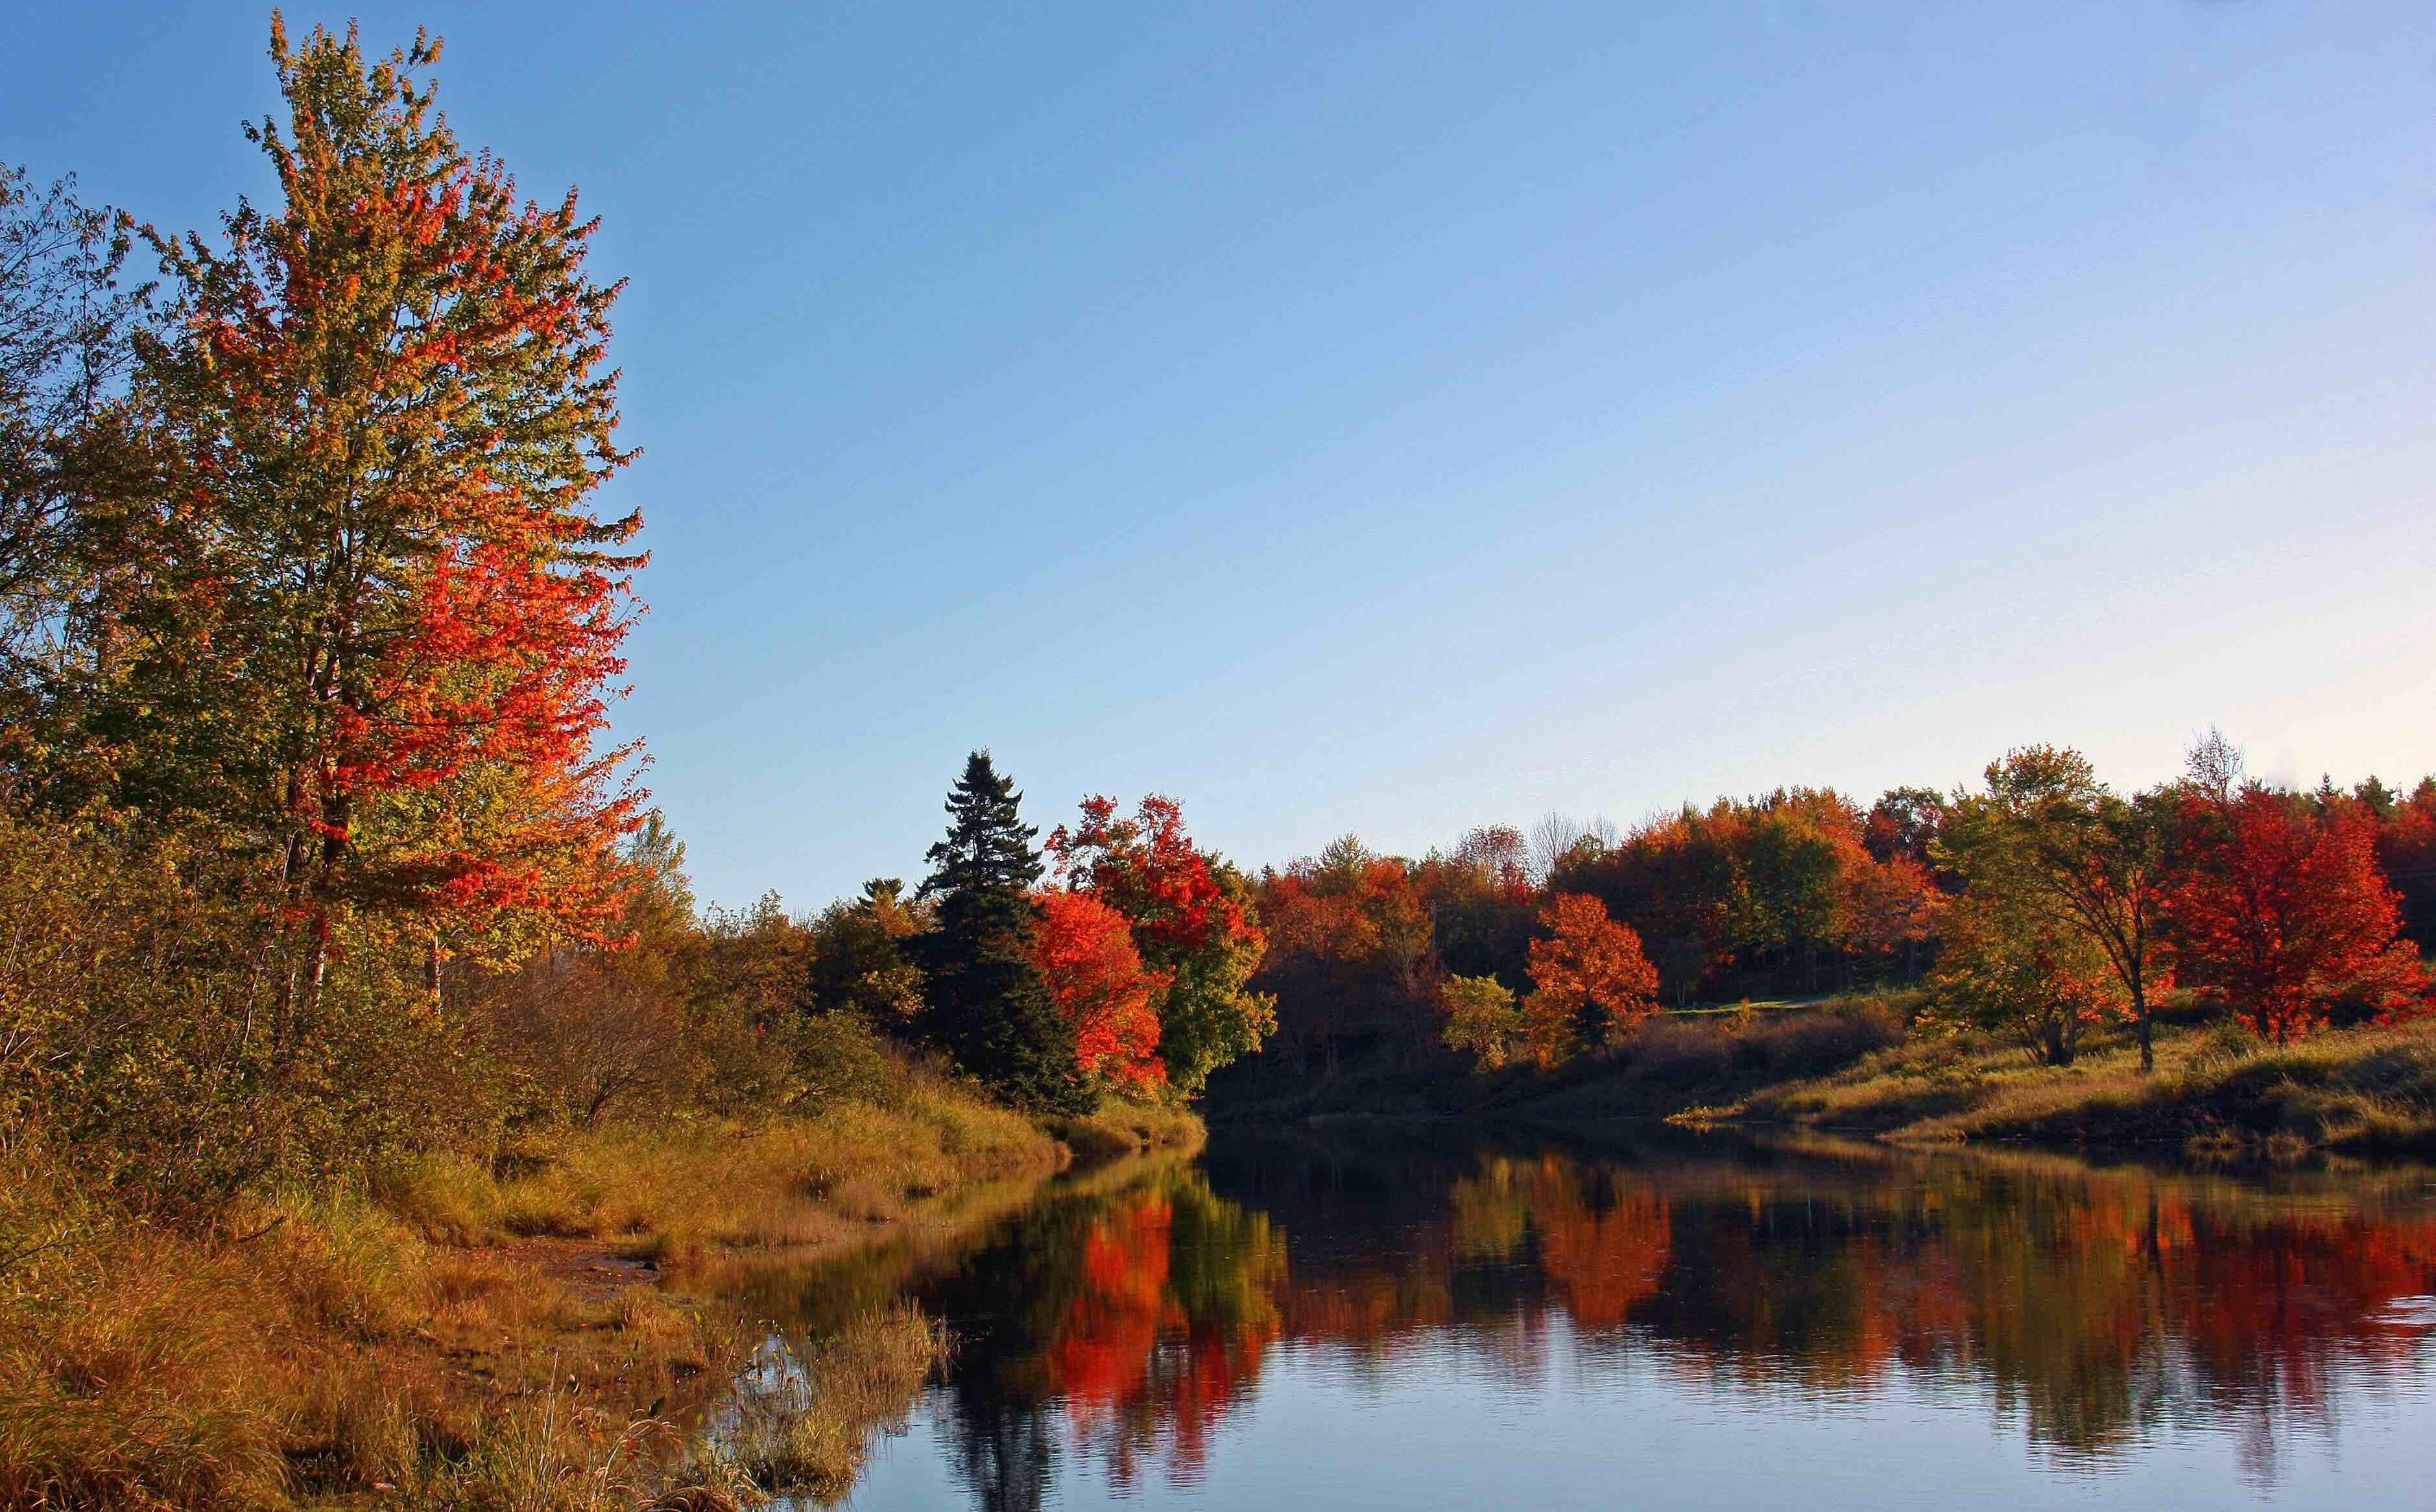 East Hants, Nova Scotia, Canada